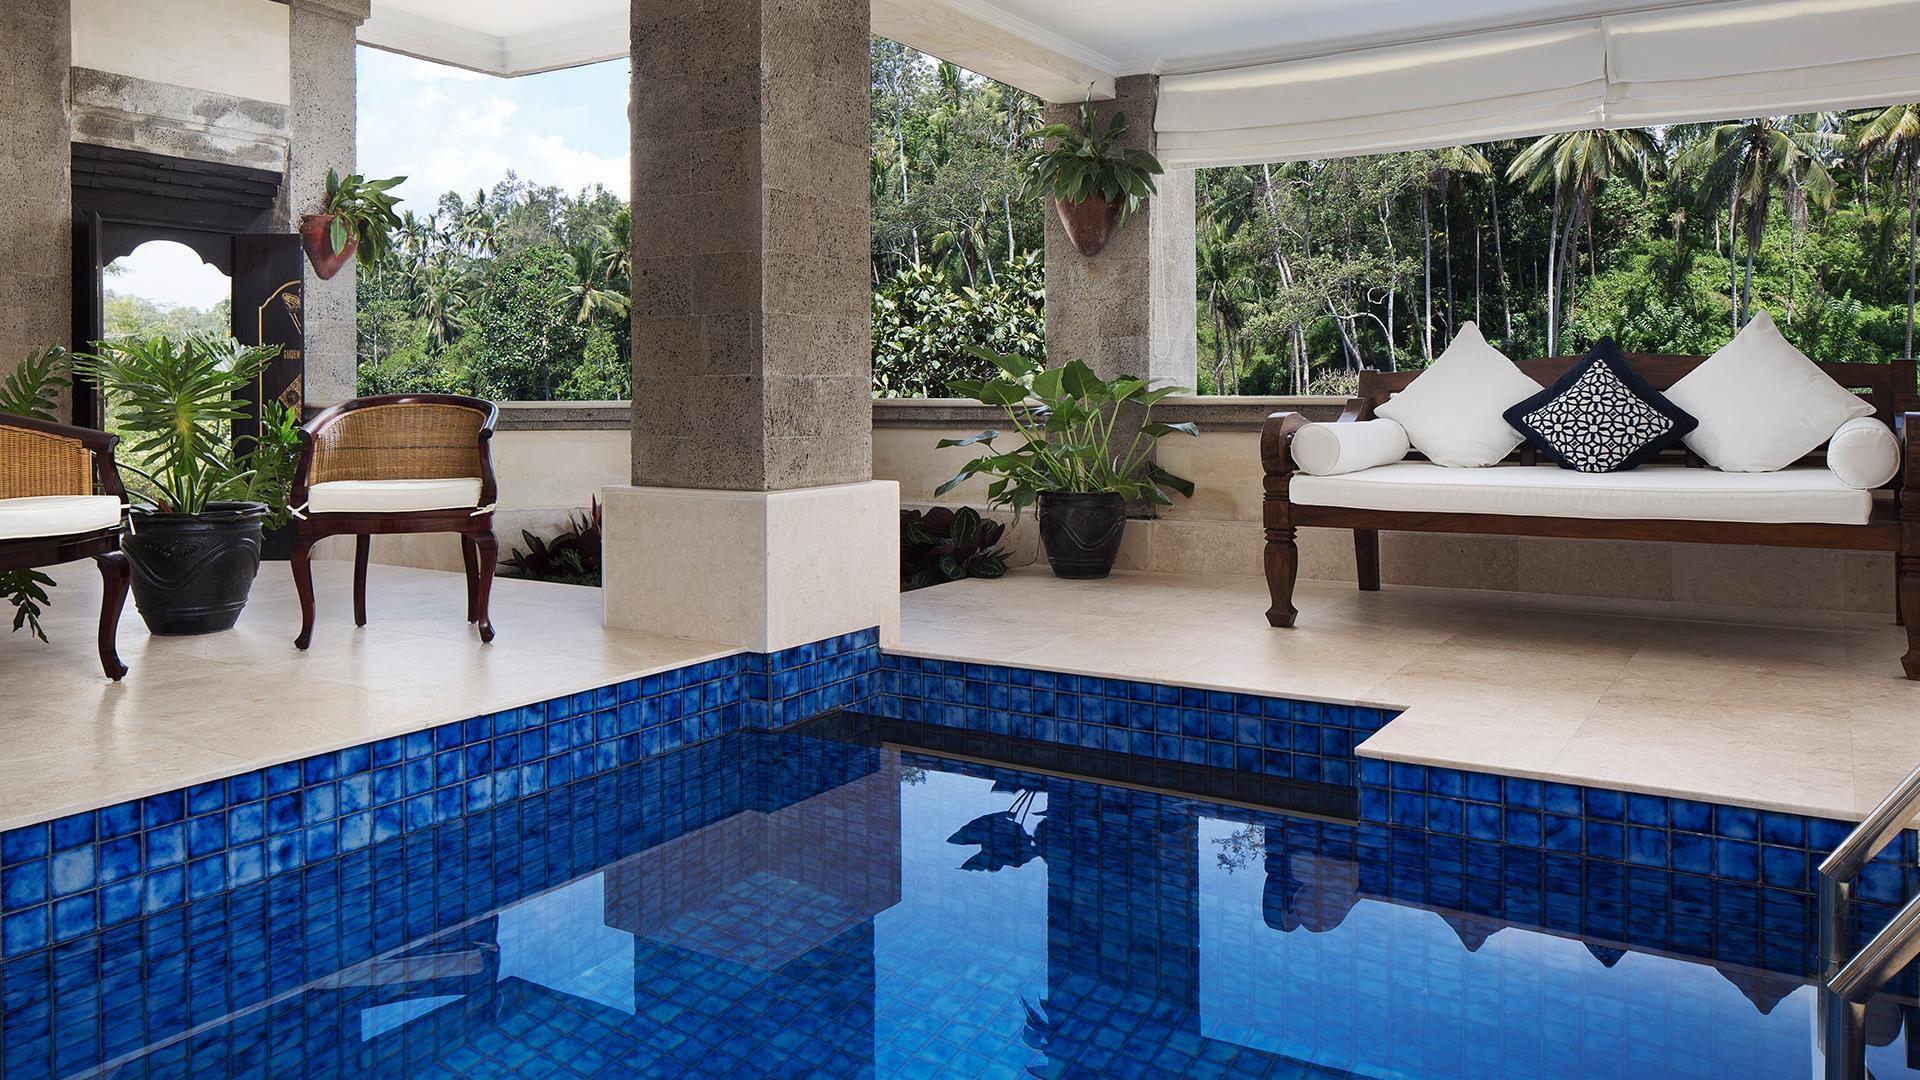 Pool Suite image 1 at Viceroy Bali by Kabupaten Gianyar, Bali, Indonesia